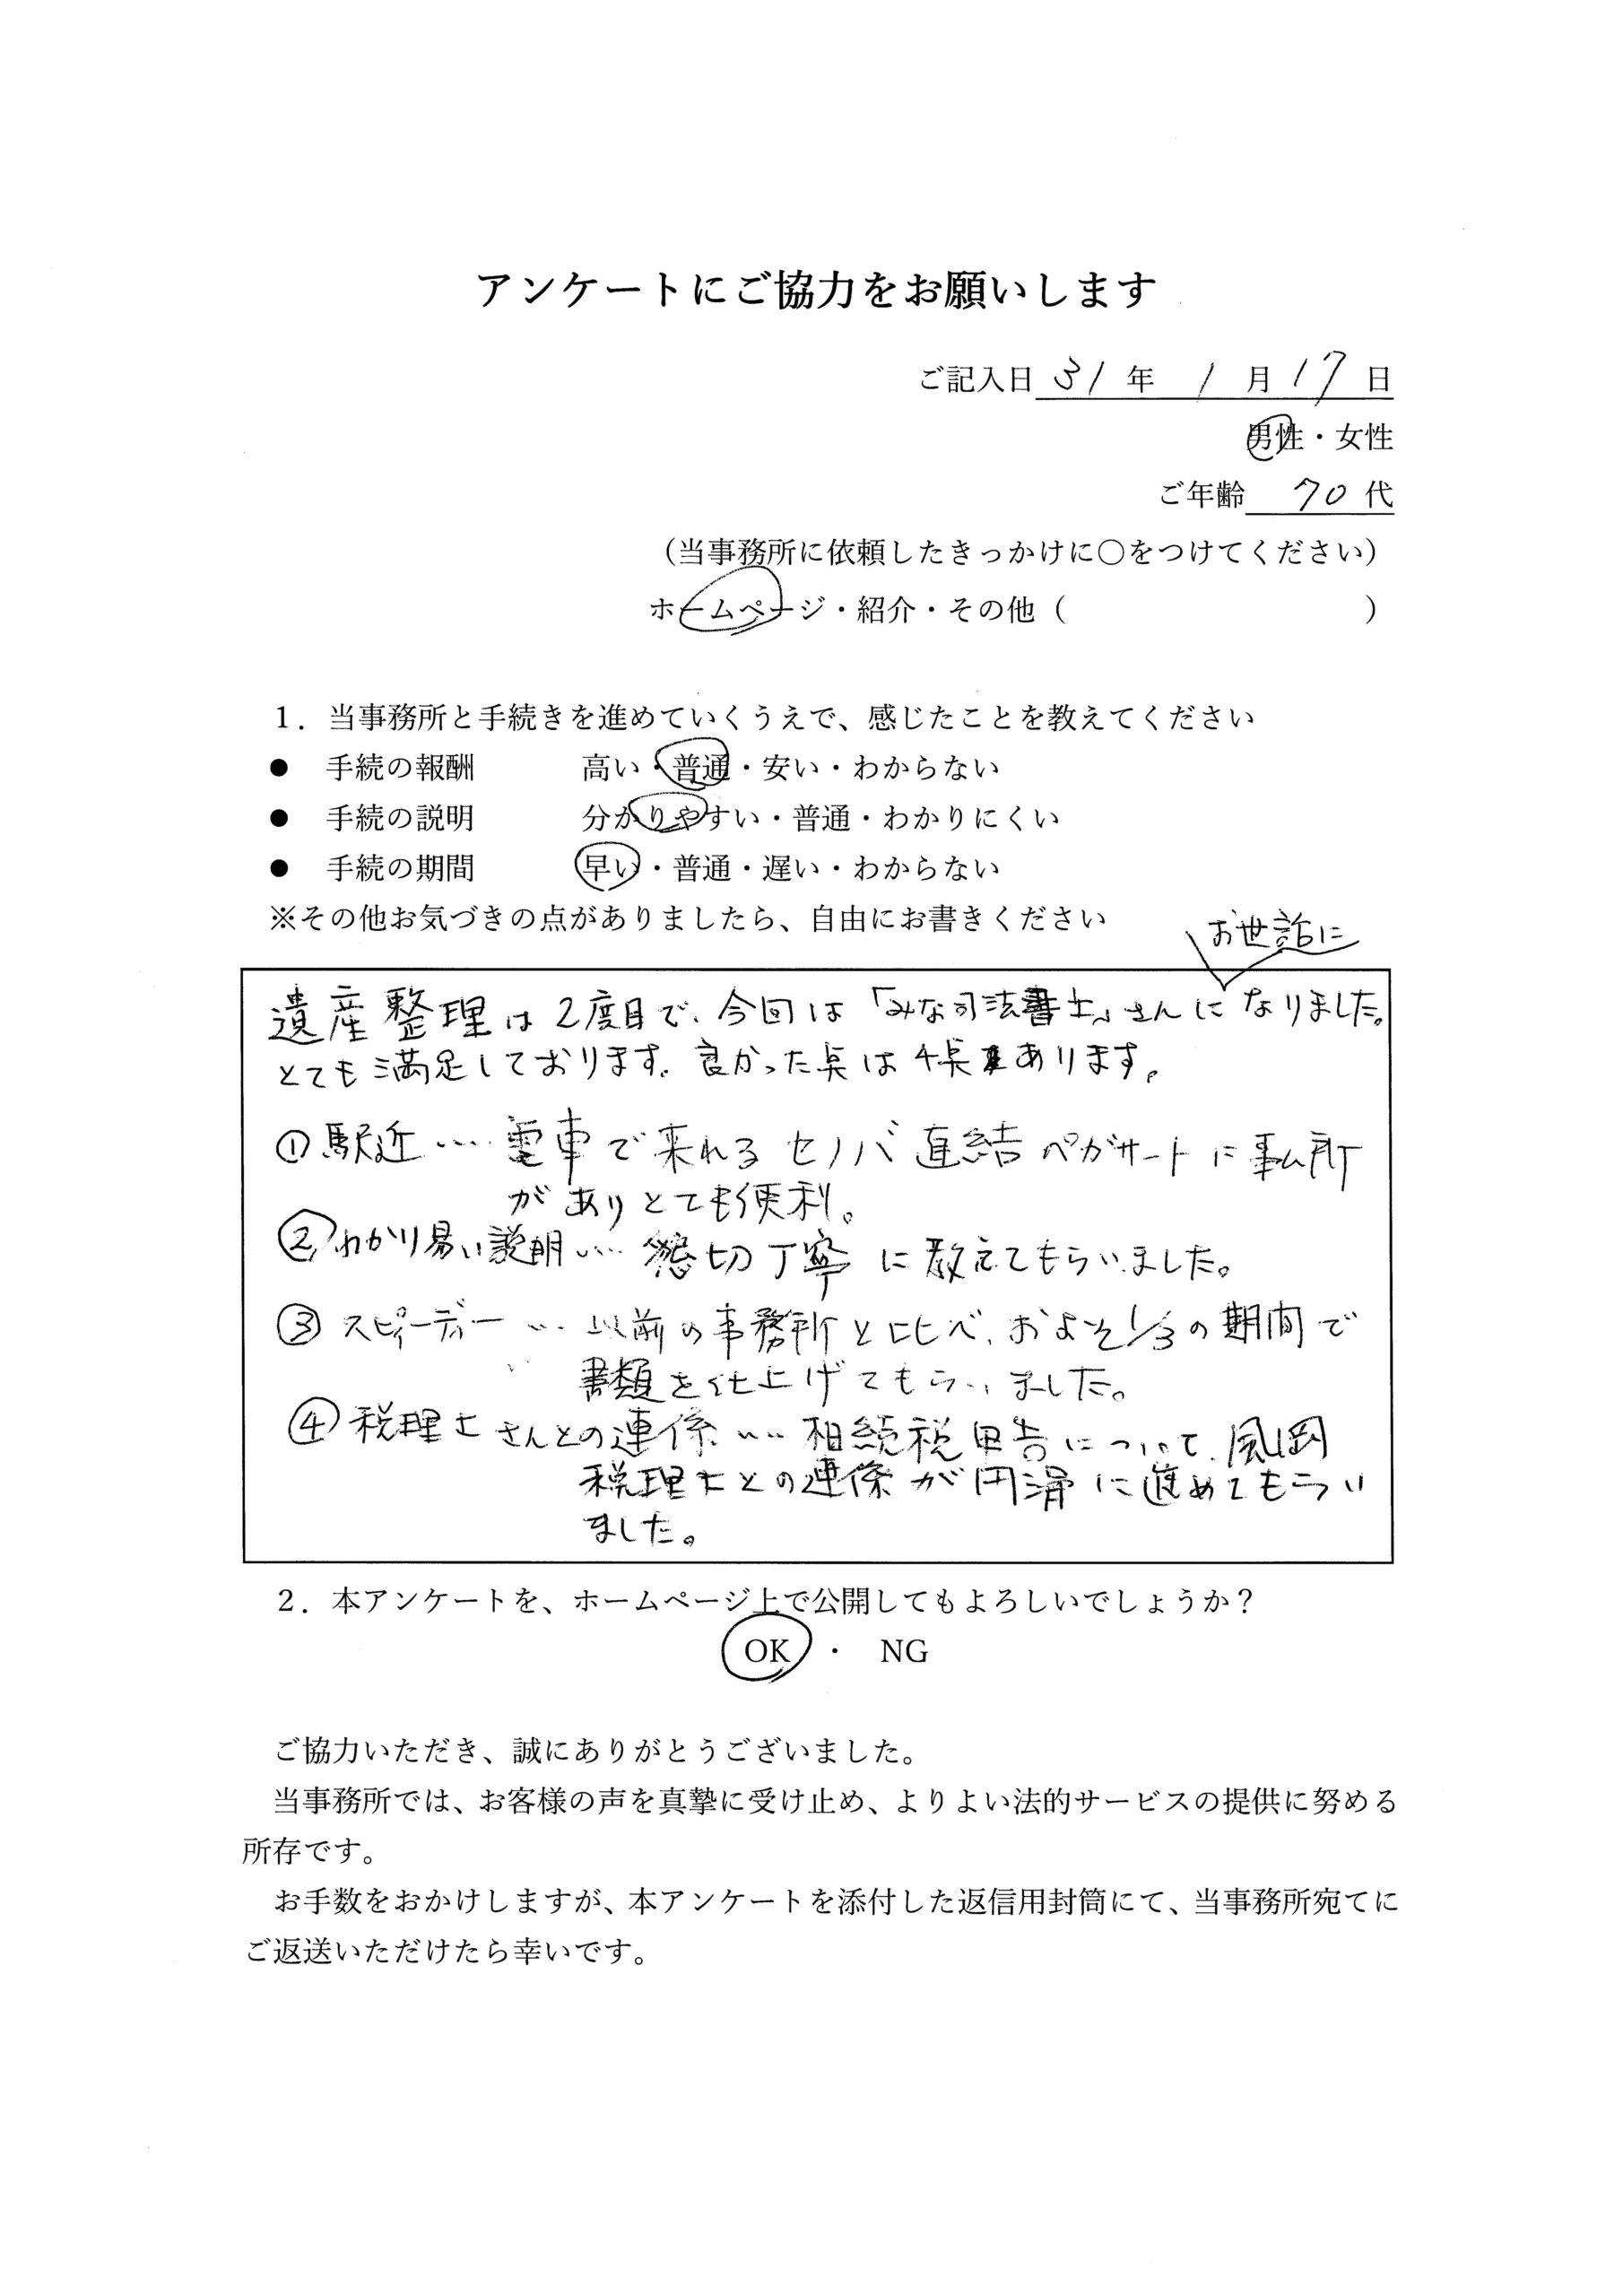 お客様アンケート31,1,17